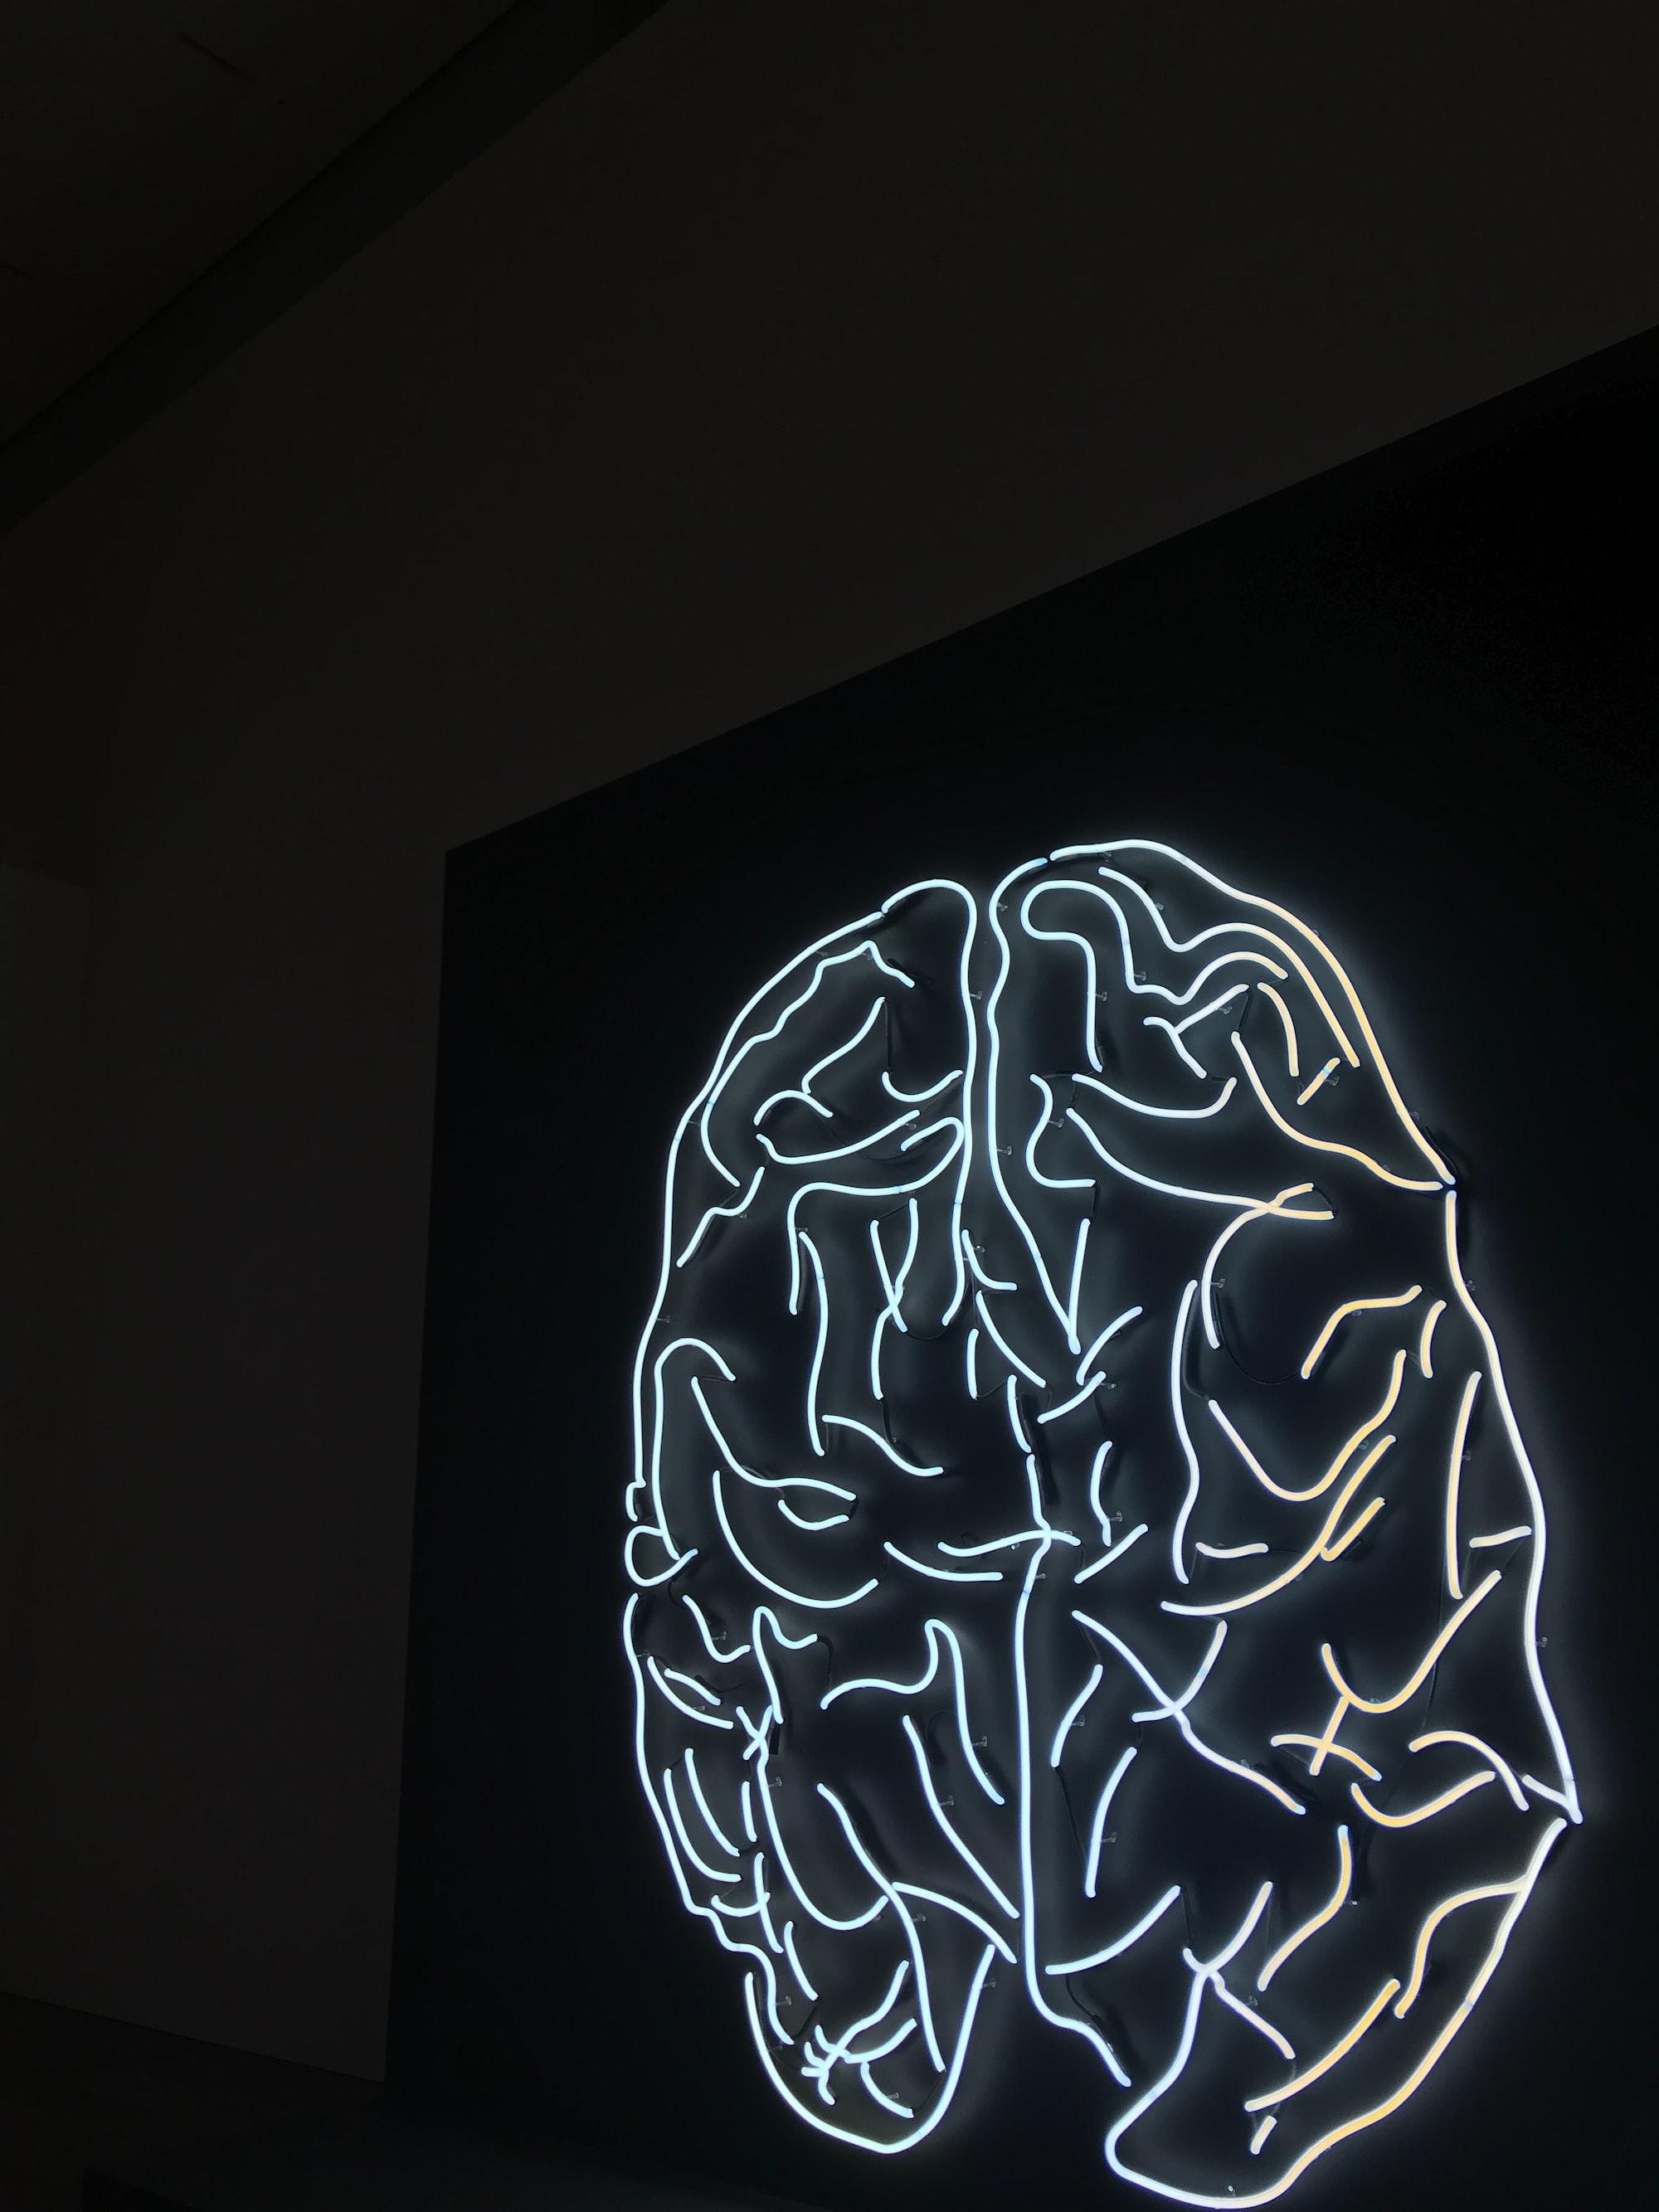 Hafıza Kaybı Bulmaca Anlamı Nedir?